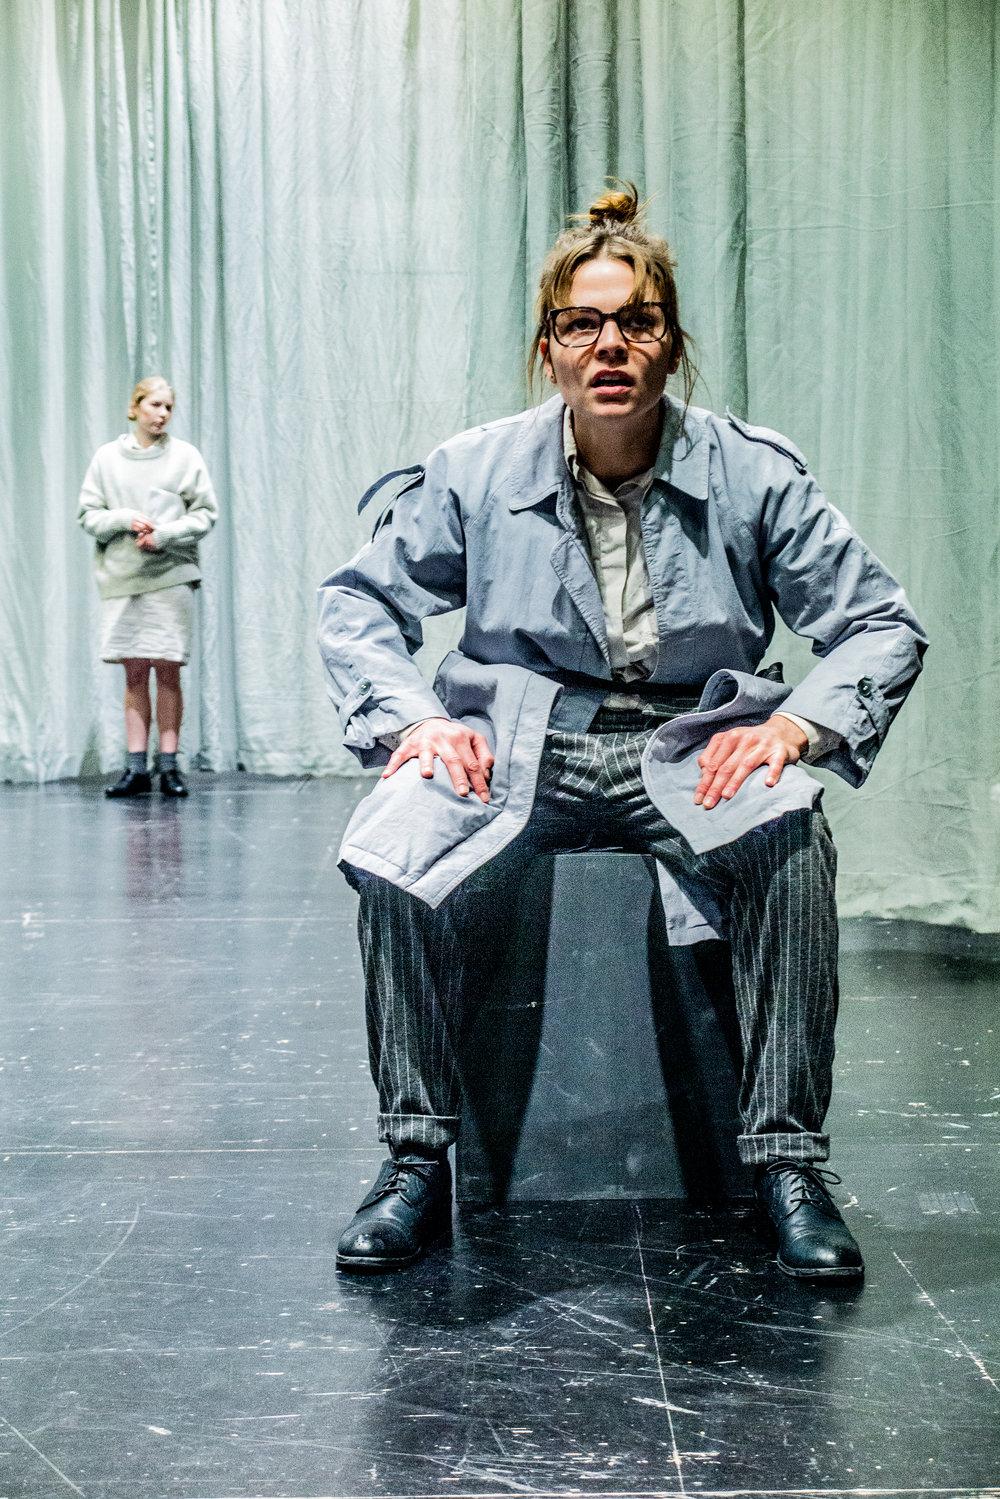 Foto: Stephan Teuwissen   Fräulein Montag, Kafkas Prozess 2019, Theater der Künste Zürich   v.l.n.r.: Jana Rottmann